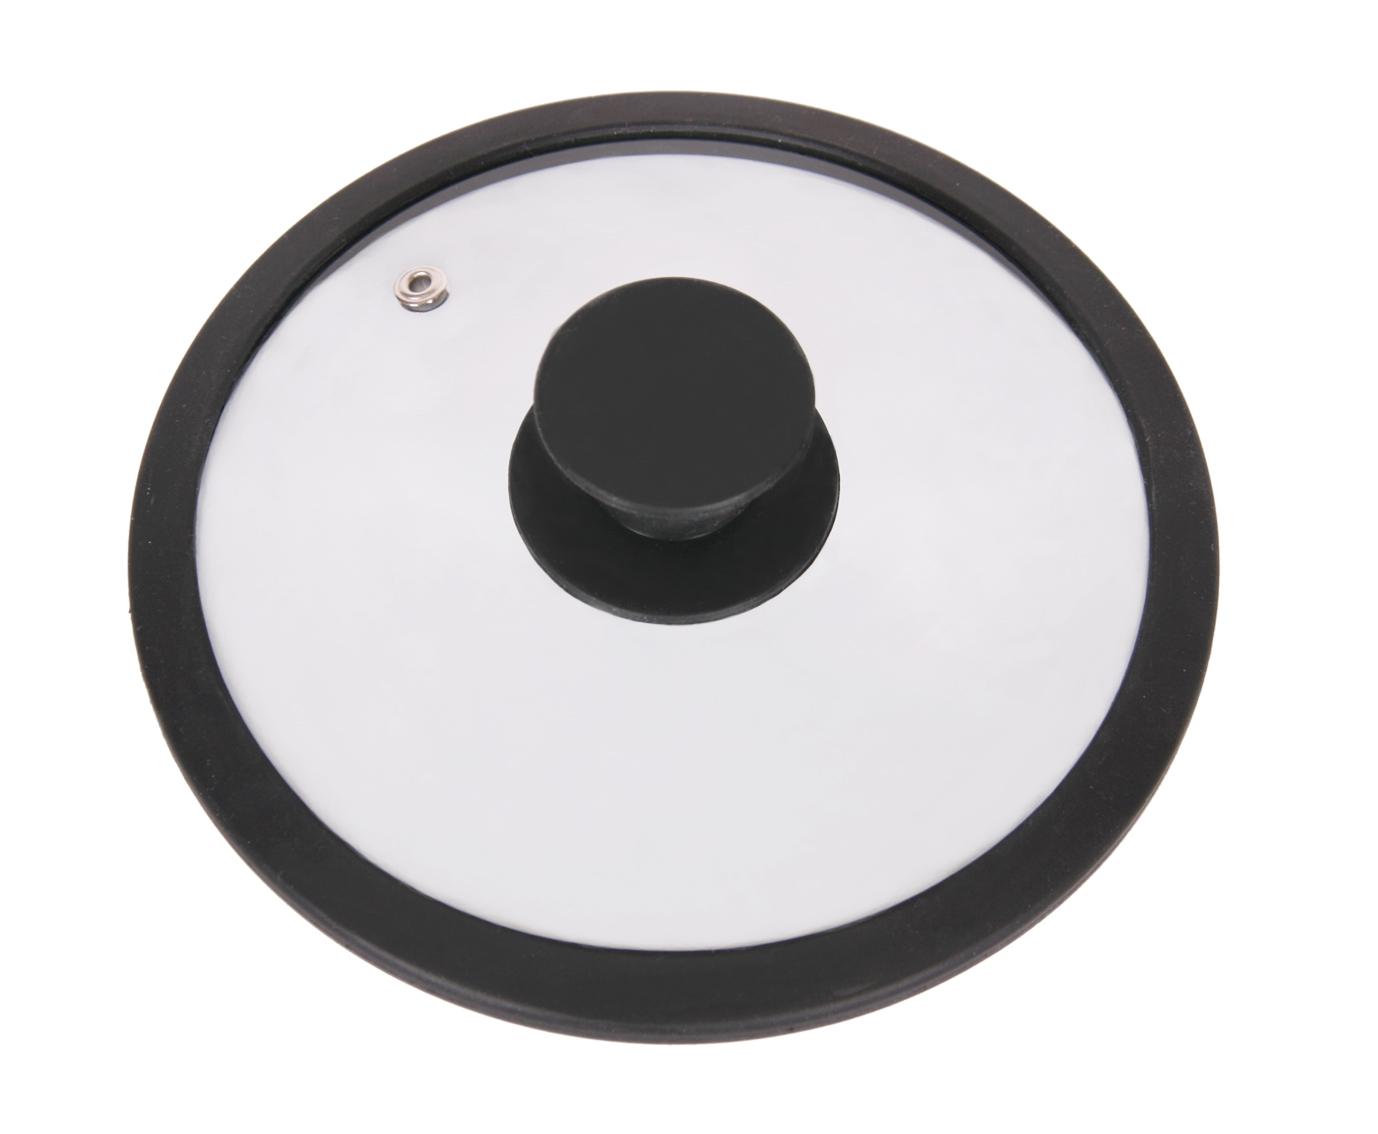 Крышка стеклянная Winner, цвет: черный. Диаметр 30 смWR-8307Крышка Winner изготовлена из термостойкого стекла с ободом из силикона. Крышка оснащена отверстием для выпуска пара. Ручка, выполненная из термостойкого бакелита с силиконовым покрытием, защищает ваши руки от высоких температур. Крышка удобна в использовании и позволяет контролировать процесс приготовления пищи. Характеристики:Материал:стекло, силикон, бакелит. Диаметр: 30 см. Изготовитель: Германия. Производитель: Китай. Размер упаковки: 31,5 см х 31,5 см х 4 см. Артикул: WR-8307.